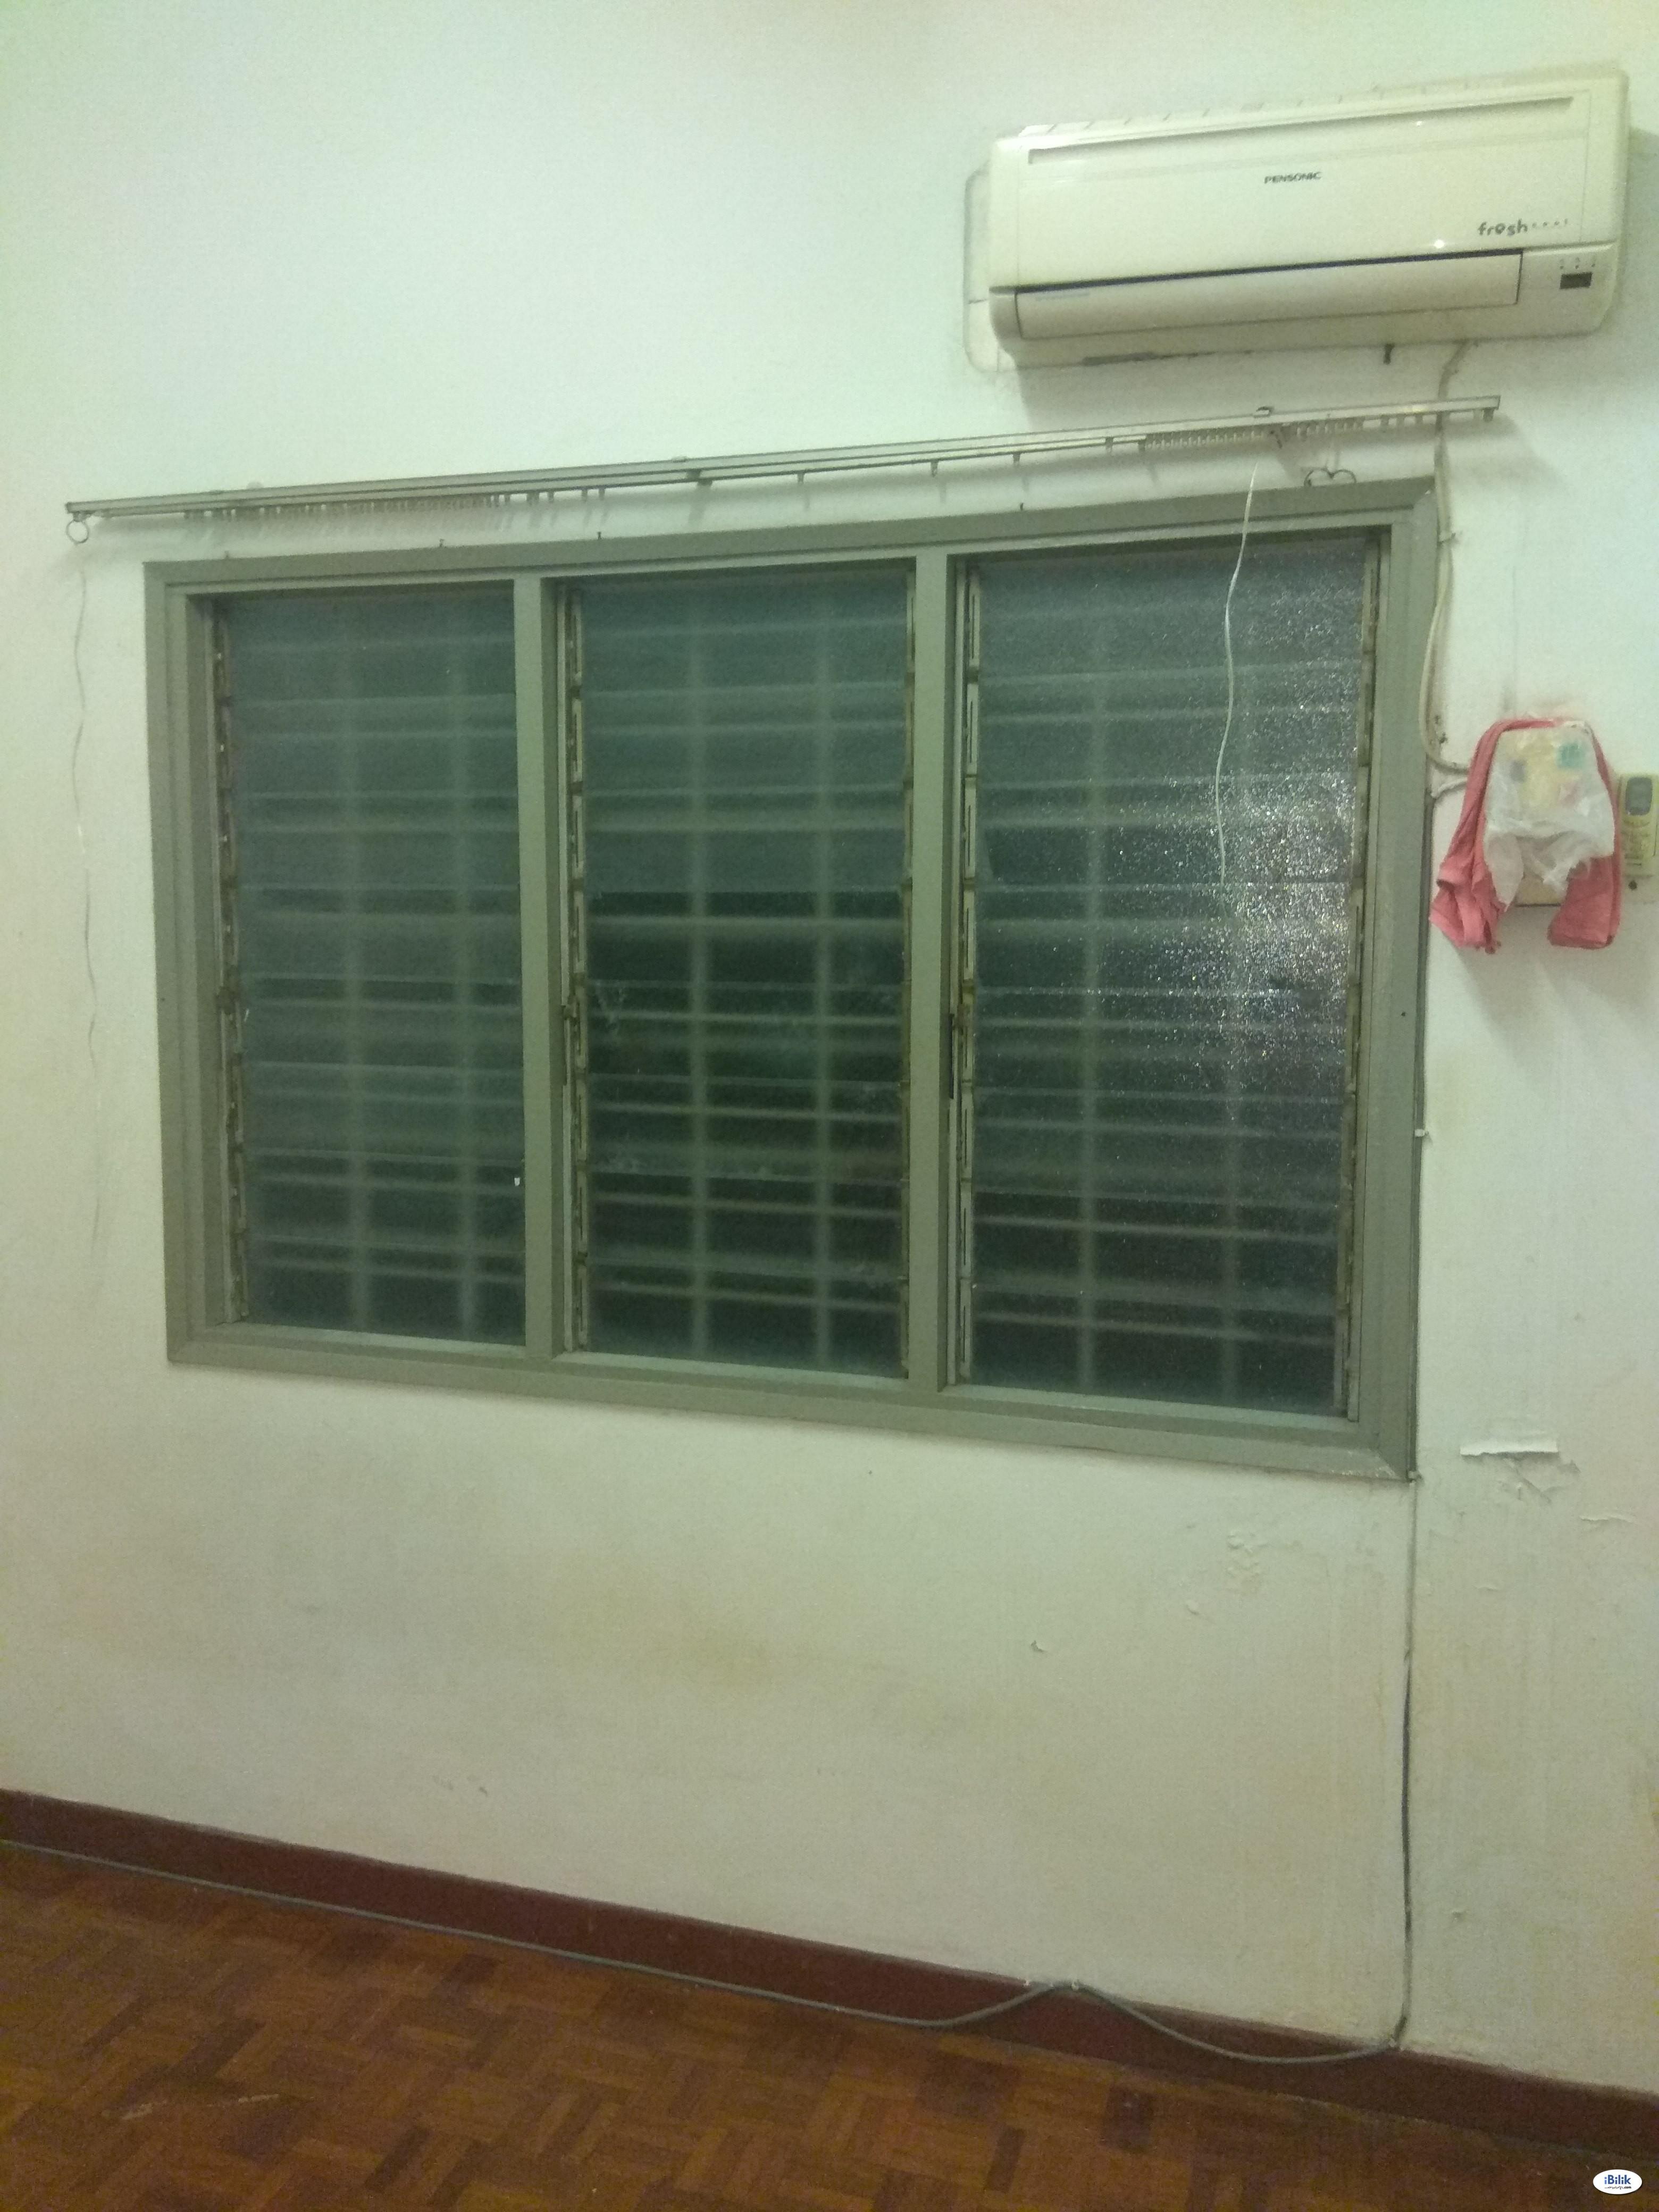 Middle Room at USJ 6, UEP Subang Jaya